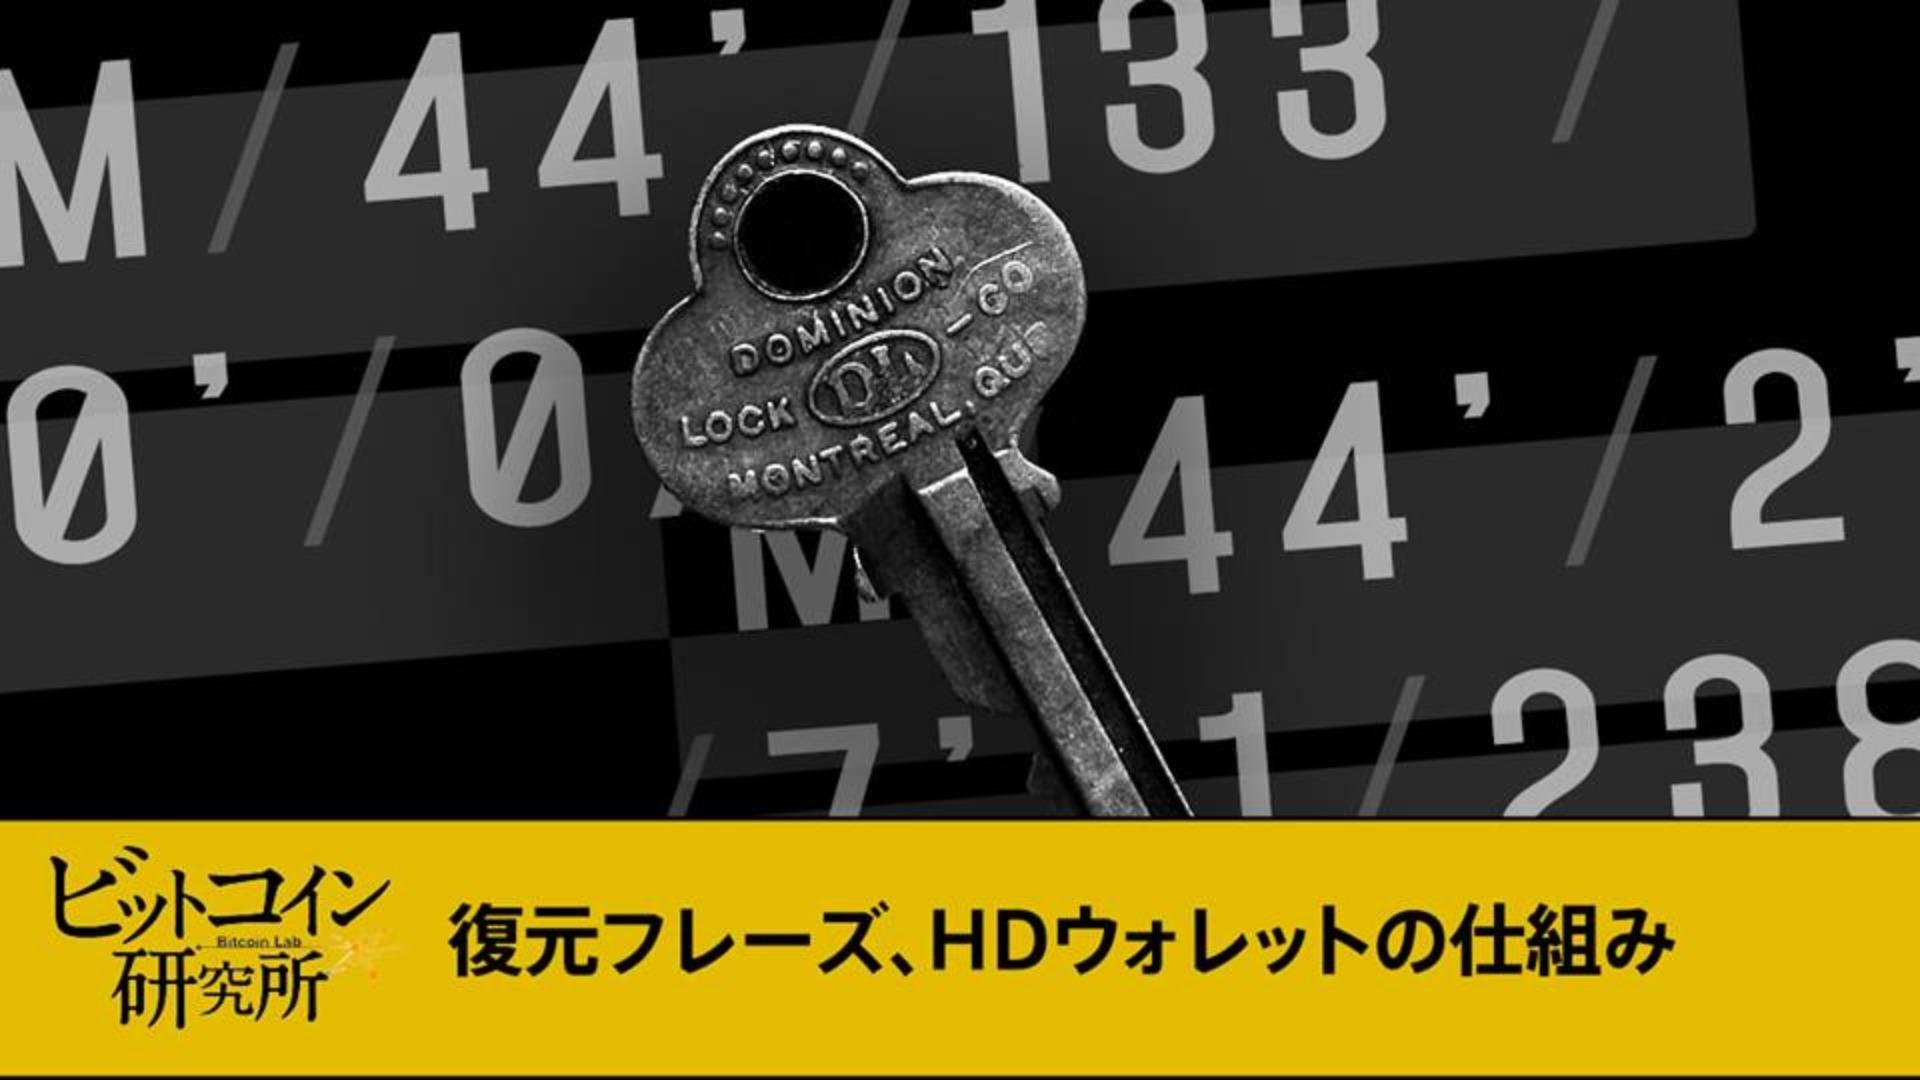 【レポート No.98】 復元フレーズ、HDウォレットの仕組み